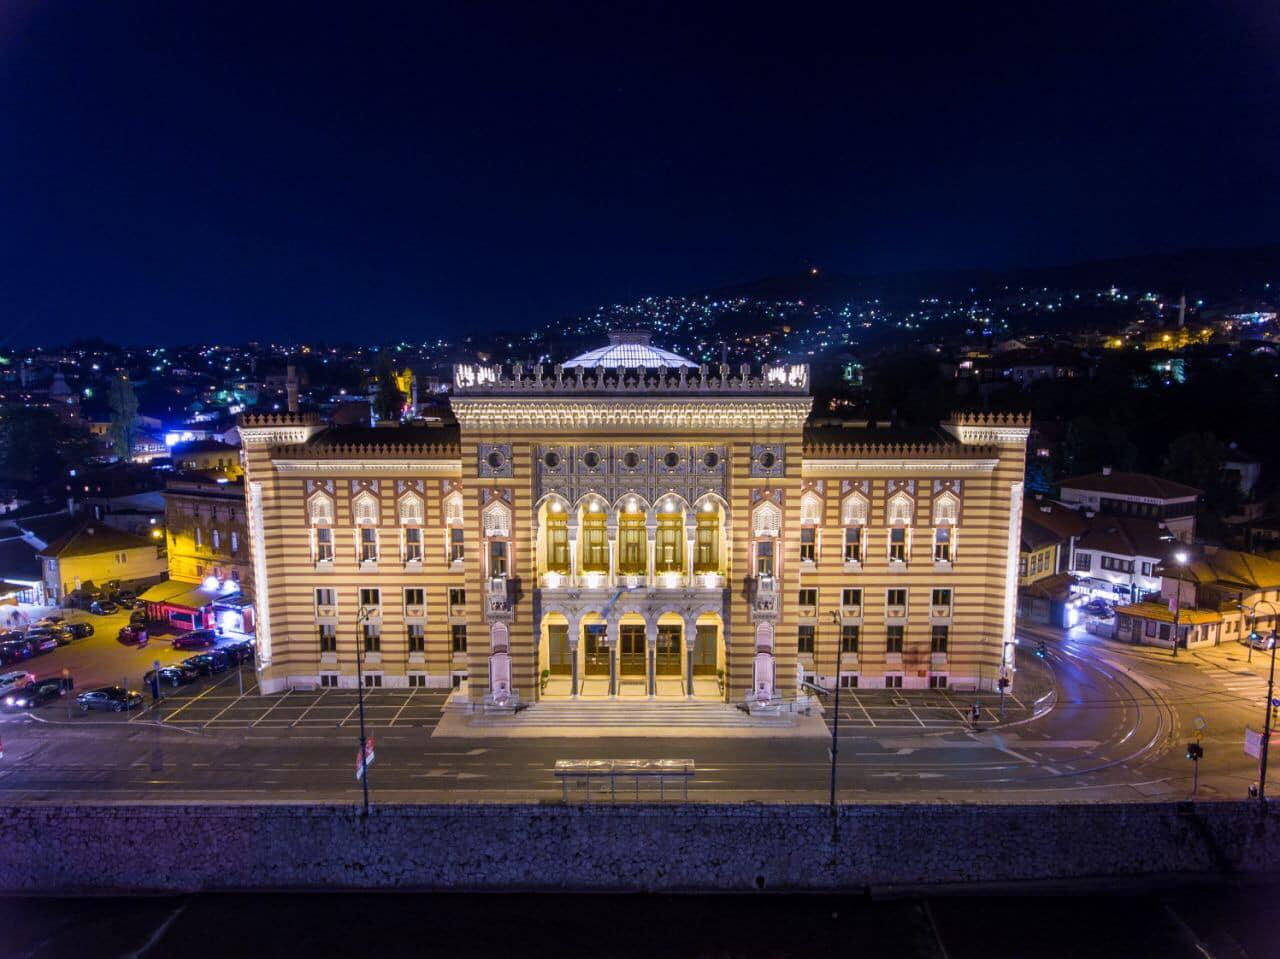 Vijećnica na godišnjicu paljenja dobila novo osvjetljenje: Sarajevski simbol izgleda čarobnije nego ikad!